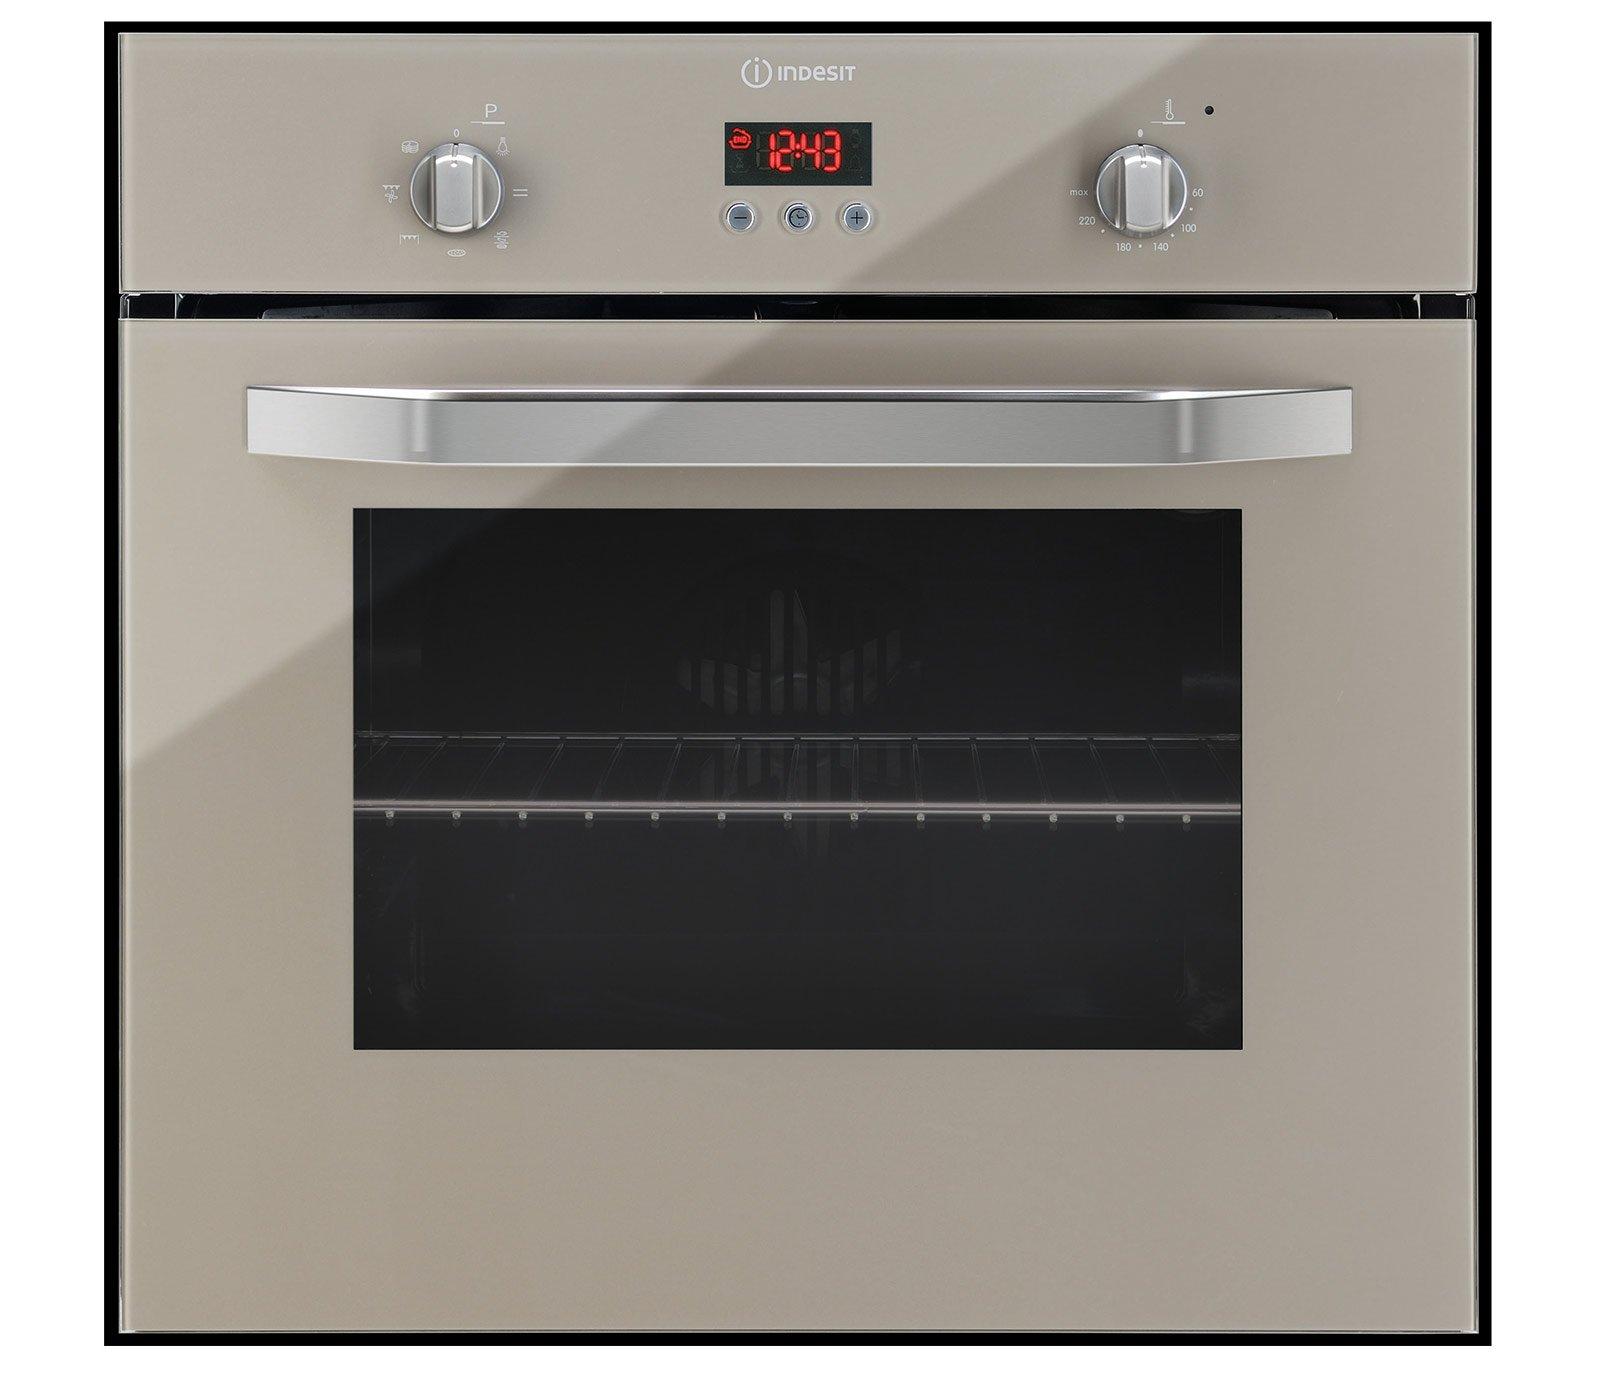 I Nuovi Forni Da Cucina Per Cotture Versatili : Piani cottura e forni novità presentate per il salone